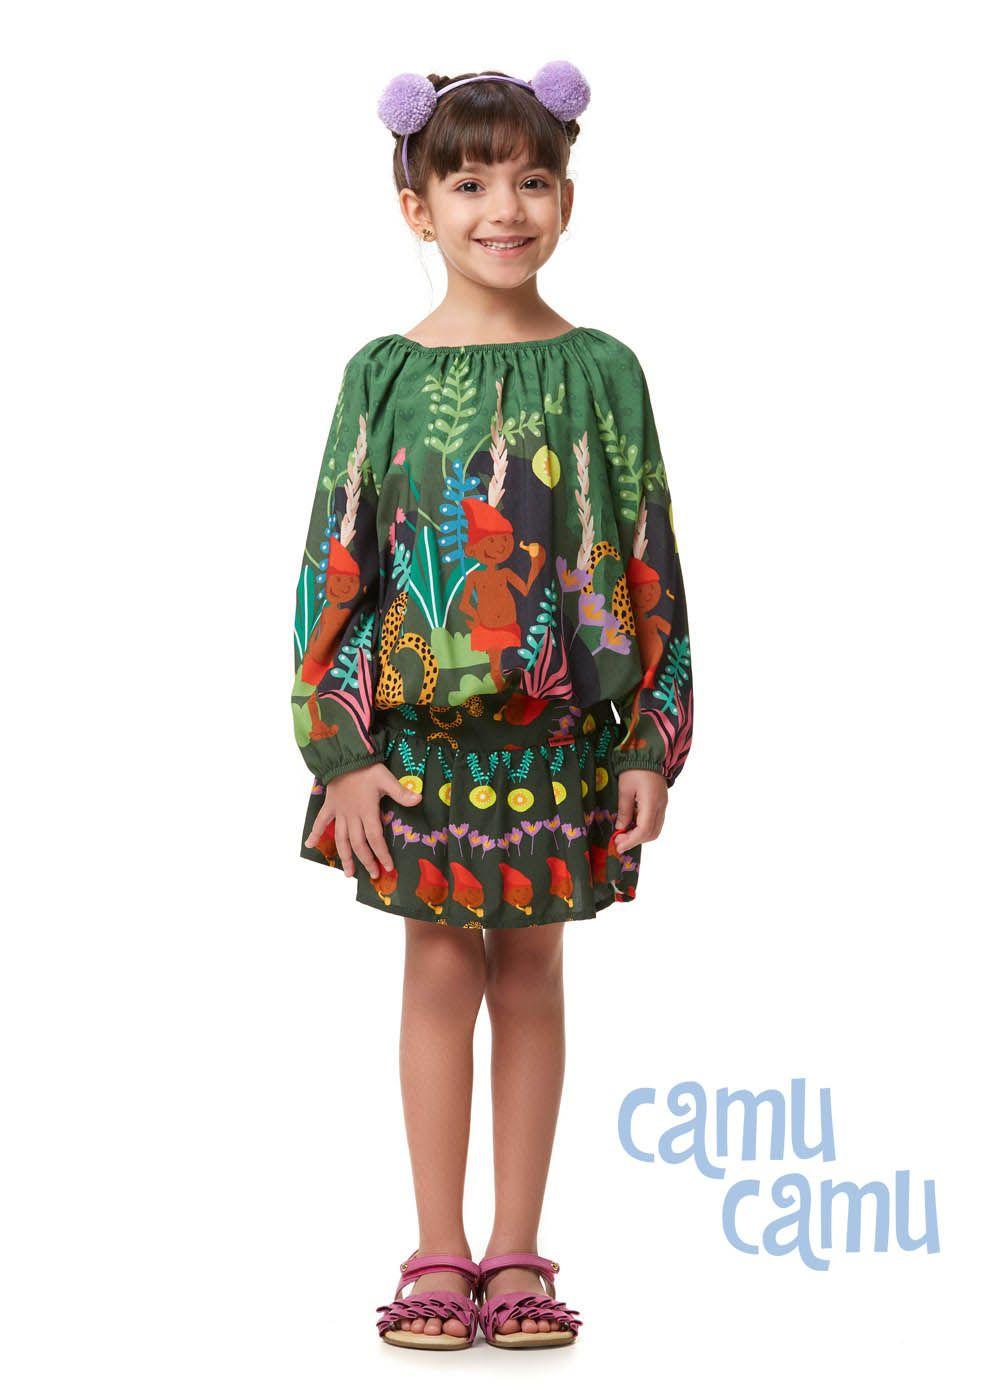 Conjunto Camu Camu Feminino Infantil Verde